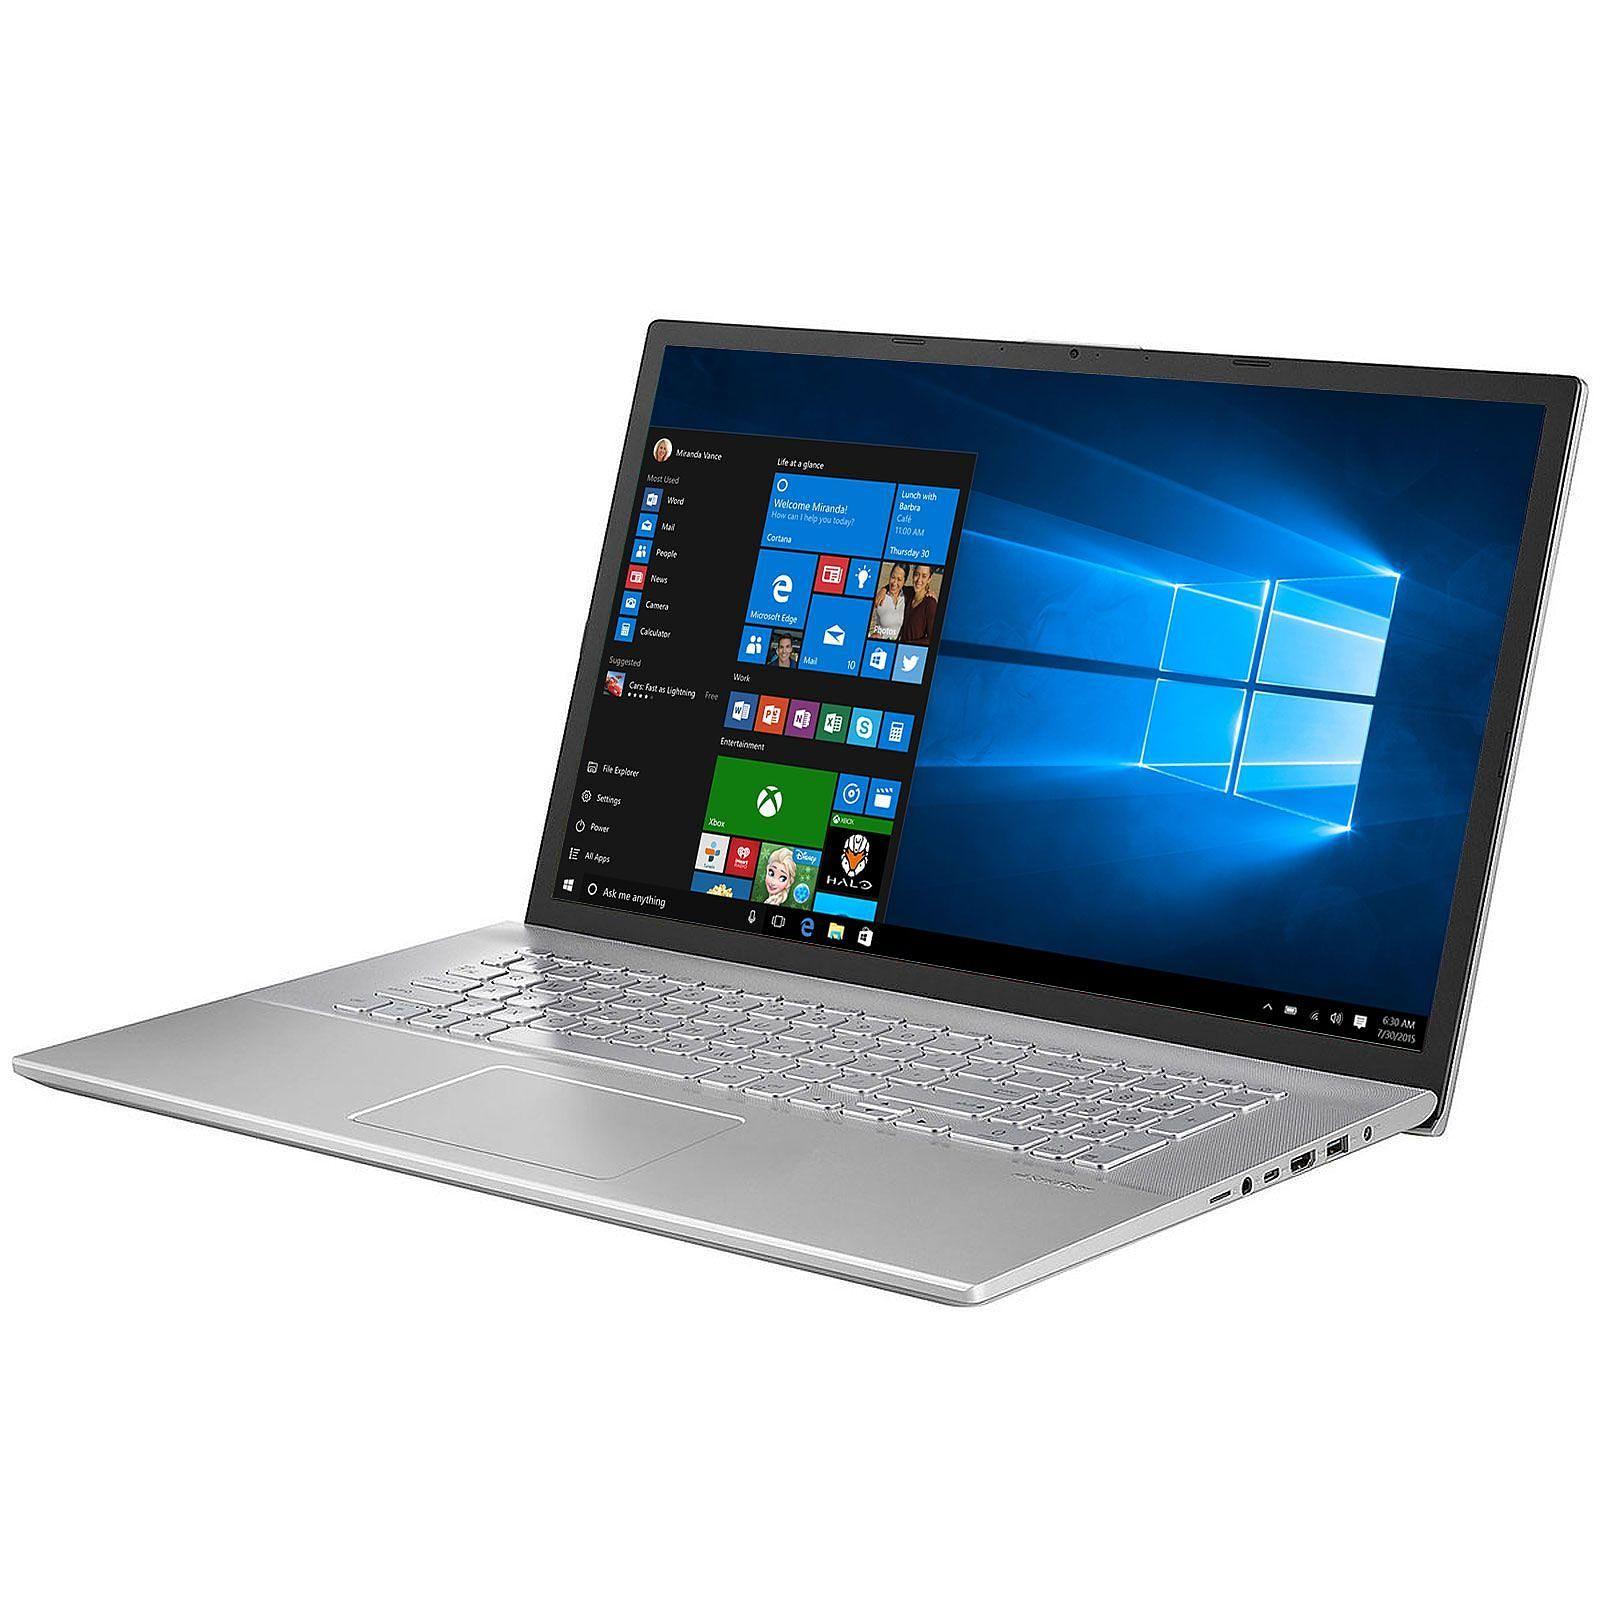 Asus 90NB0L41-M06130 - PC portable Asus - Cybertek.fr - 3